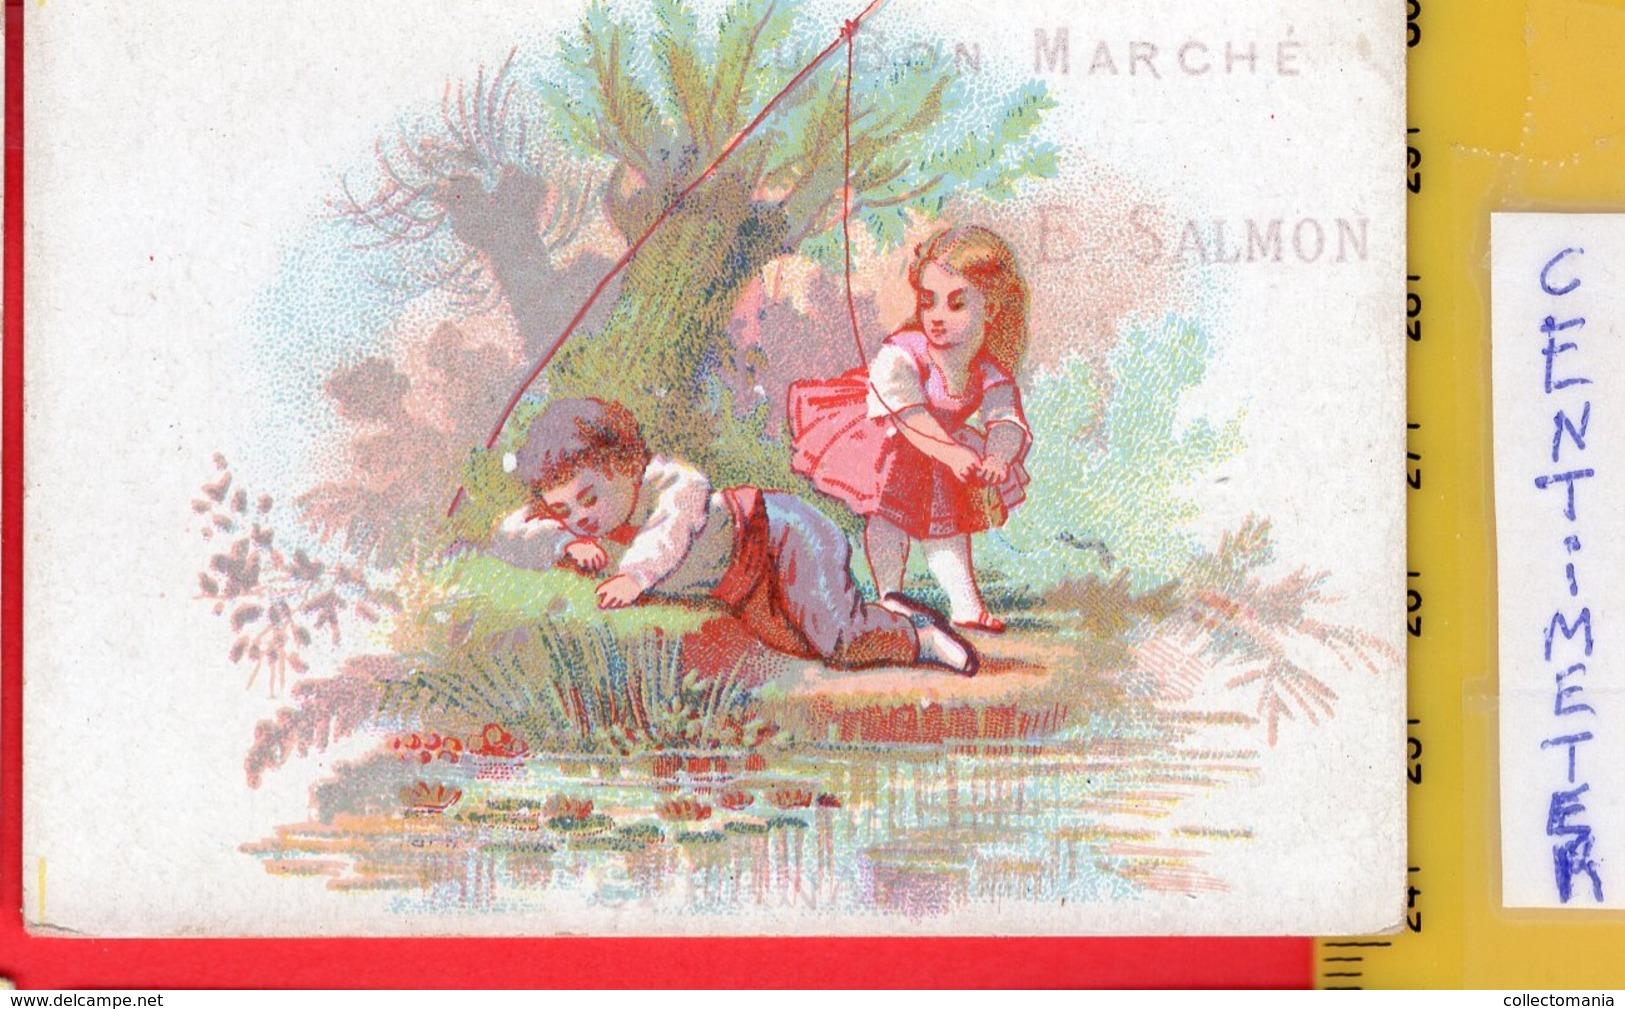 12 Chromos AU BON MARCHE Aprox. 1872, PUB Printer DANGIVILLE Paris Série Complet  E. Salmon Epernay  ALL 9,6cm X 6,5cm - Au Bon Marché